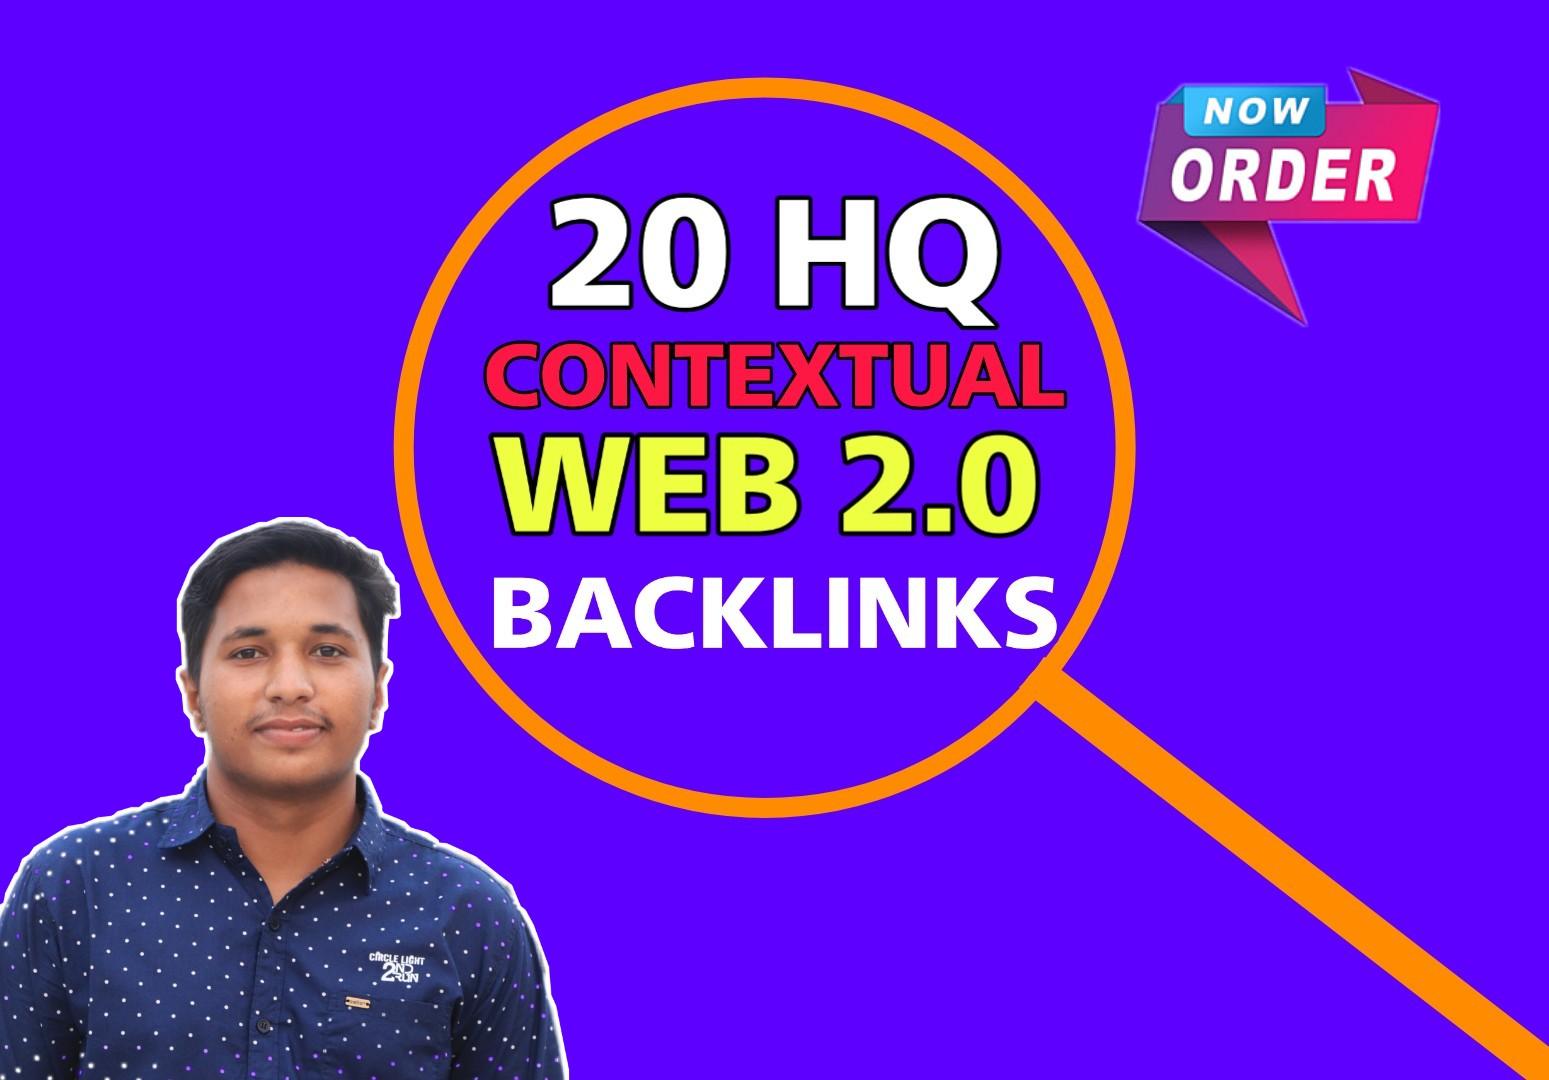 I will provide 20 DO-FOLLOW High authority Web 2.0 backlinks manually